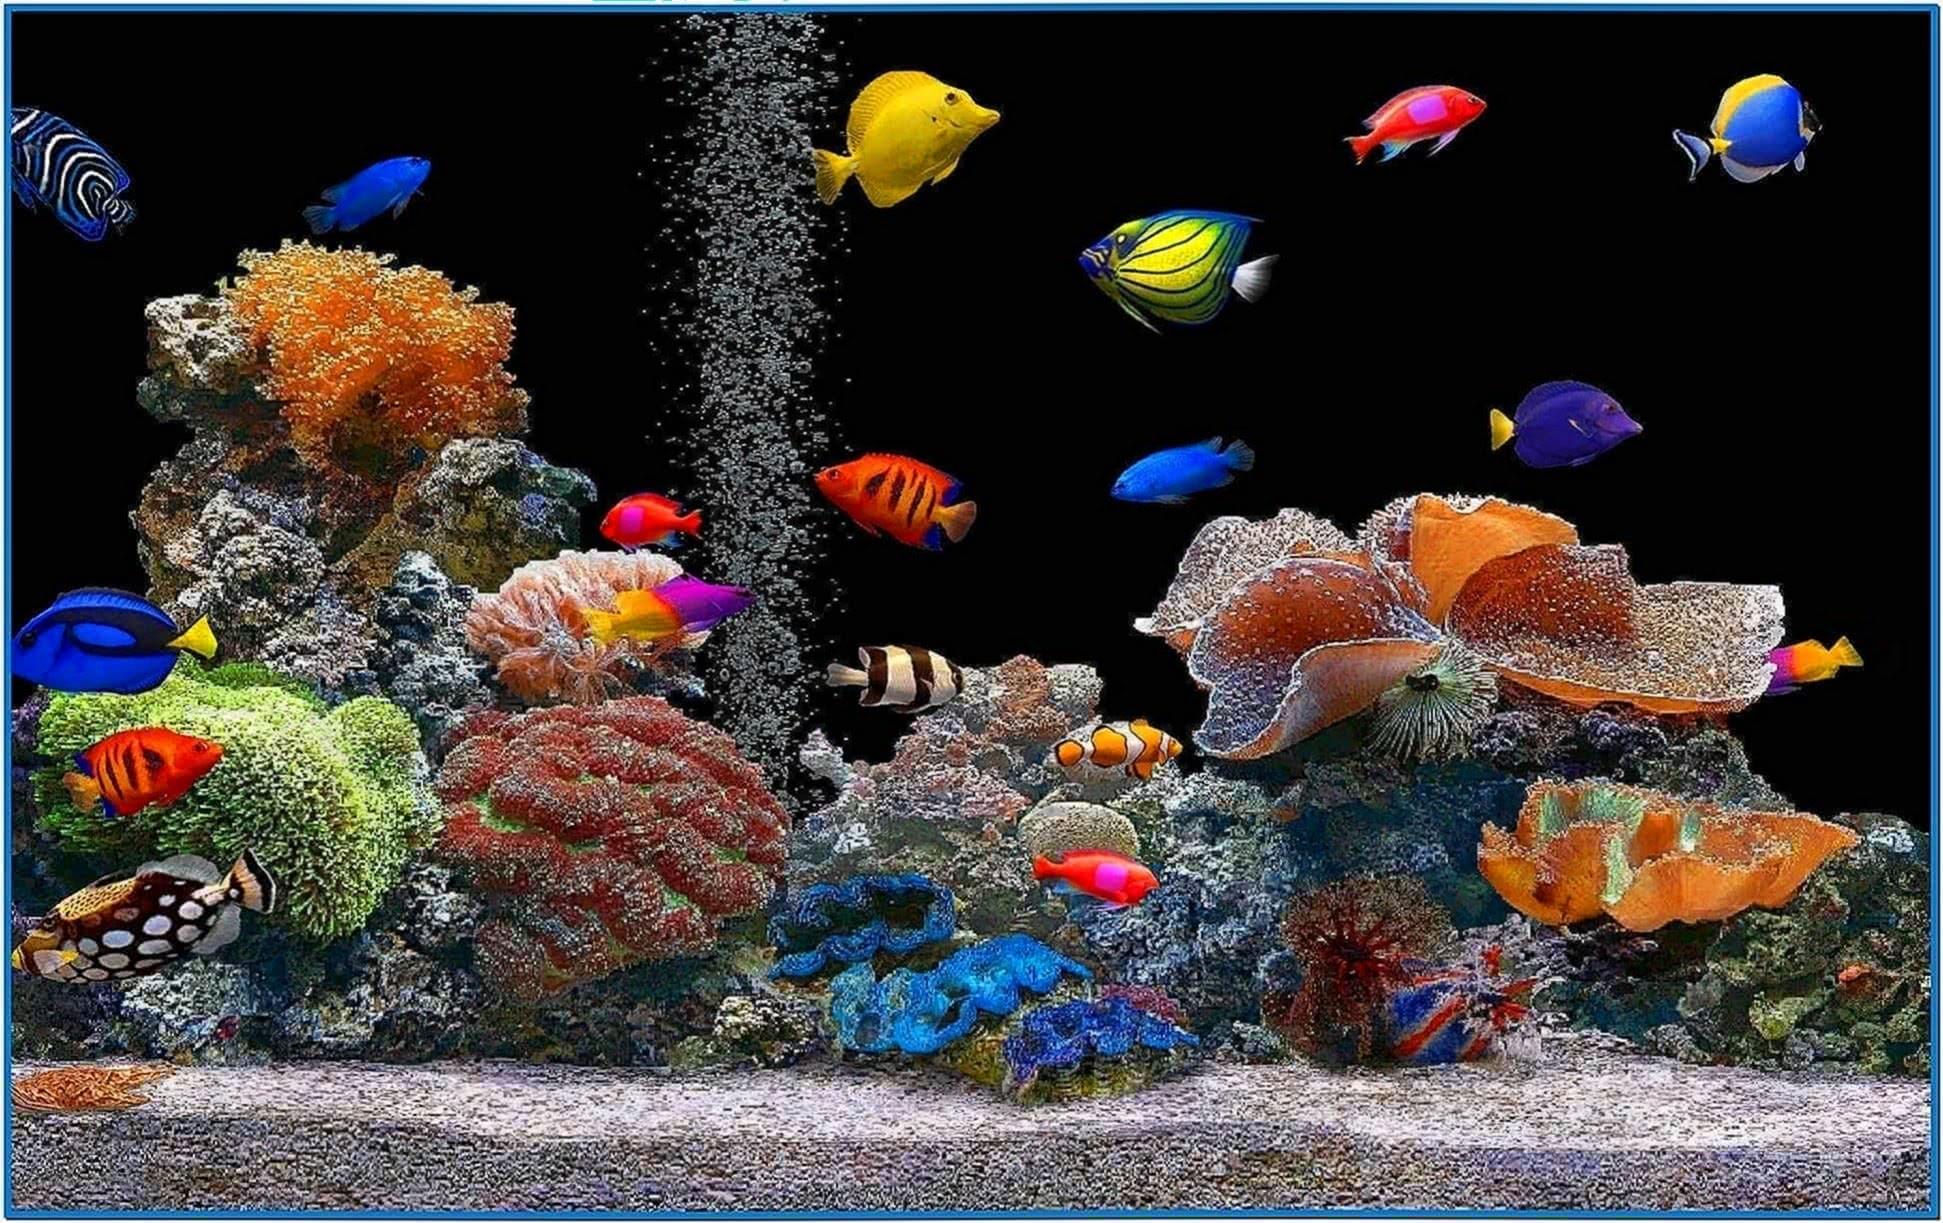 HD Fish Tank Screensaver